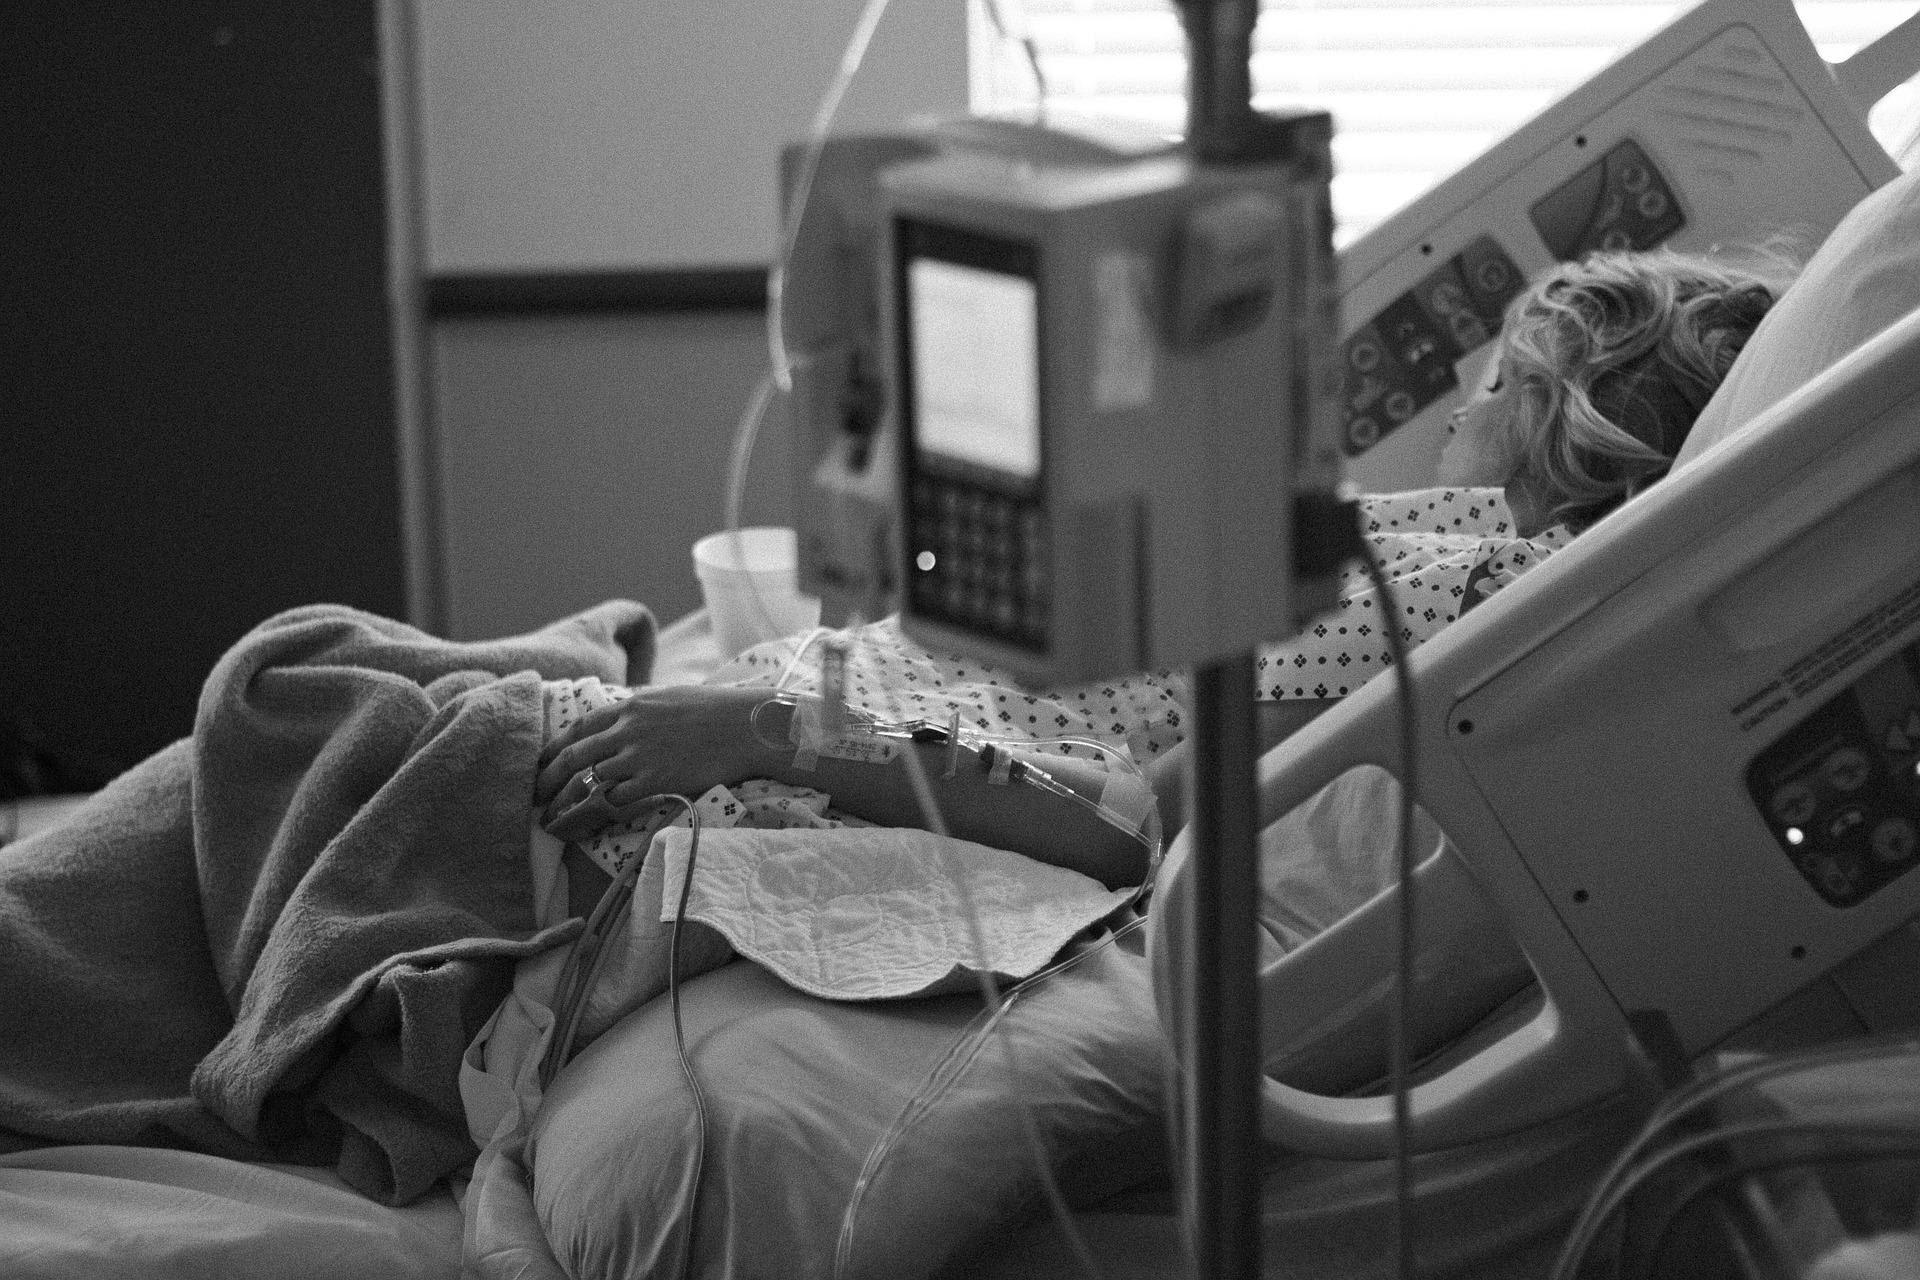 Paliativos para toda la población y regular la eutanasia, claves en el abordaje de la muerte digna